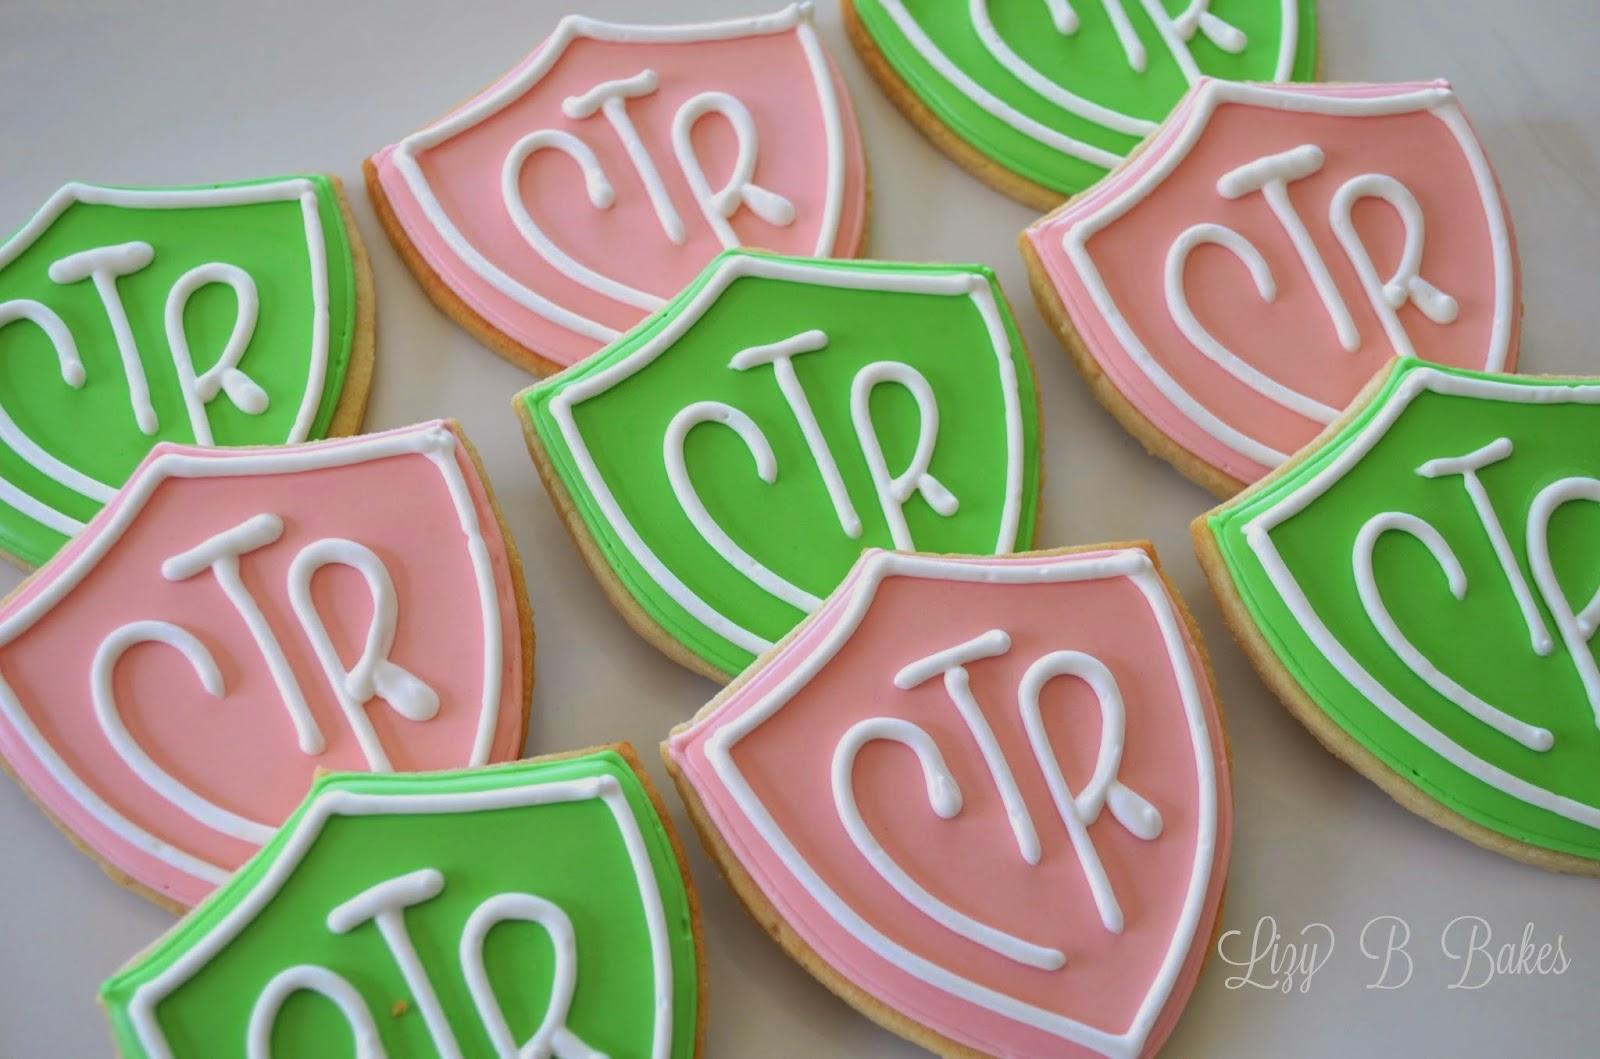 CTR Cookies